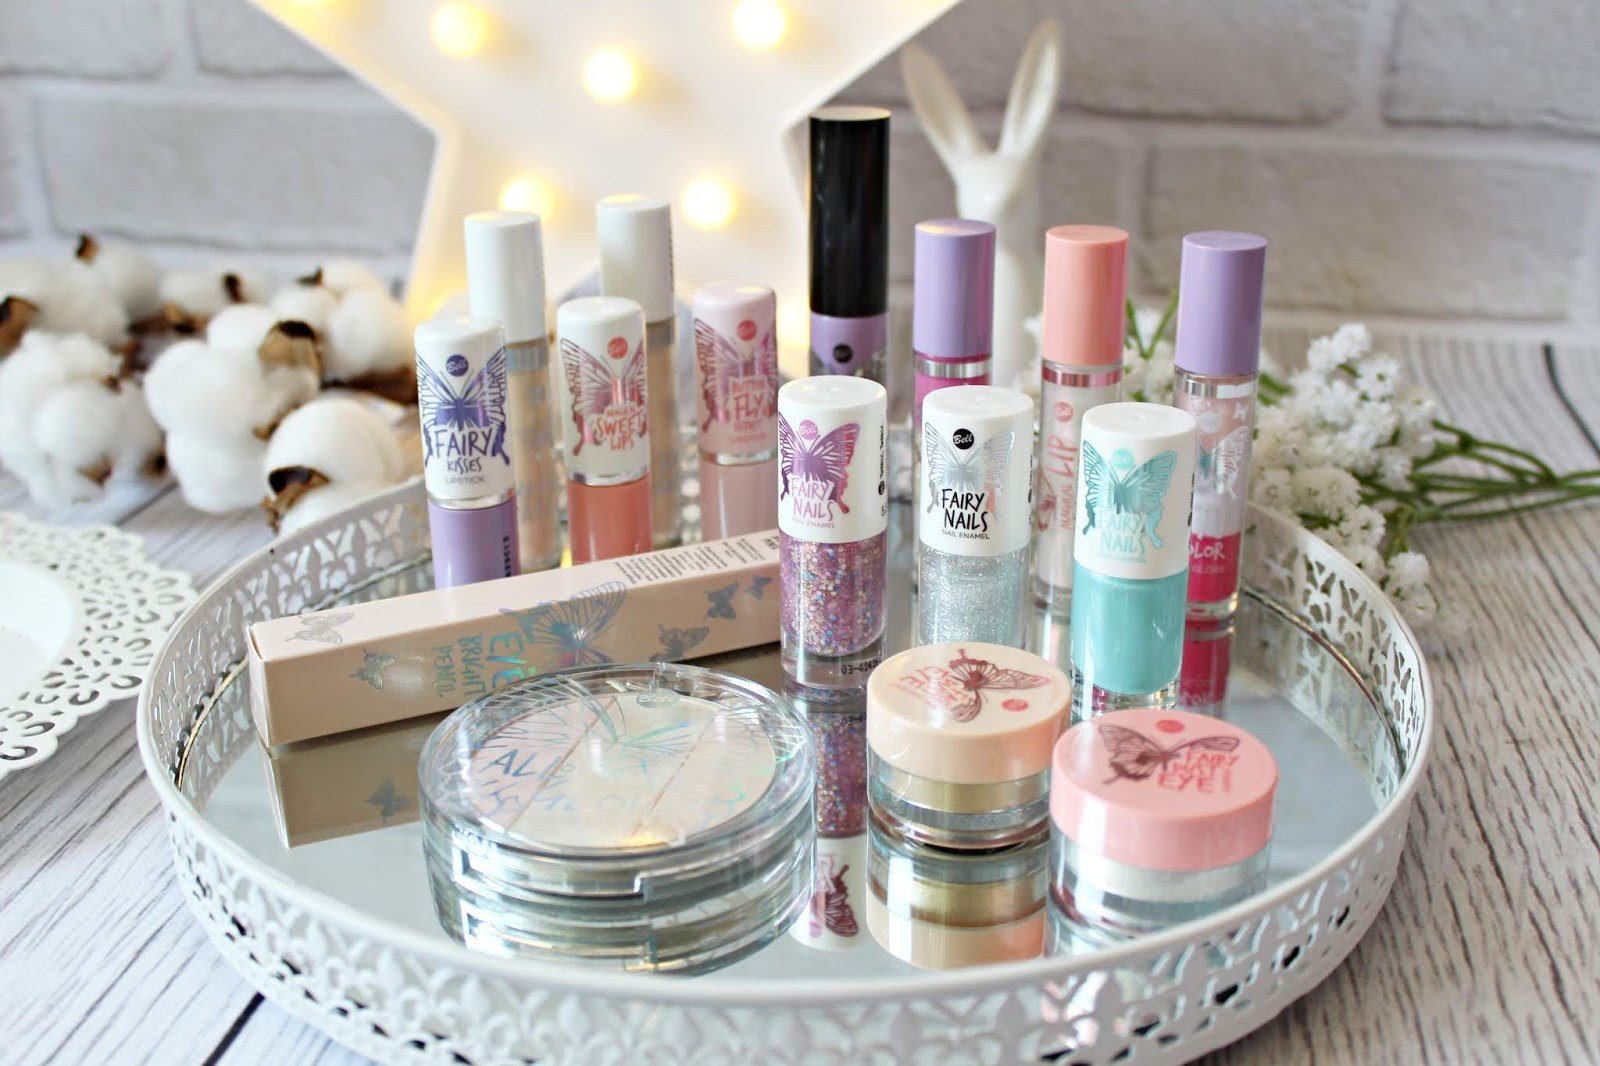 Limitowana seria kosmetyków BELL - FAIRY TALE strefa piękna biedronka